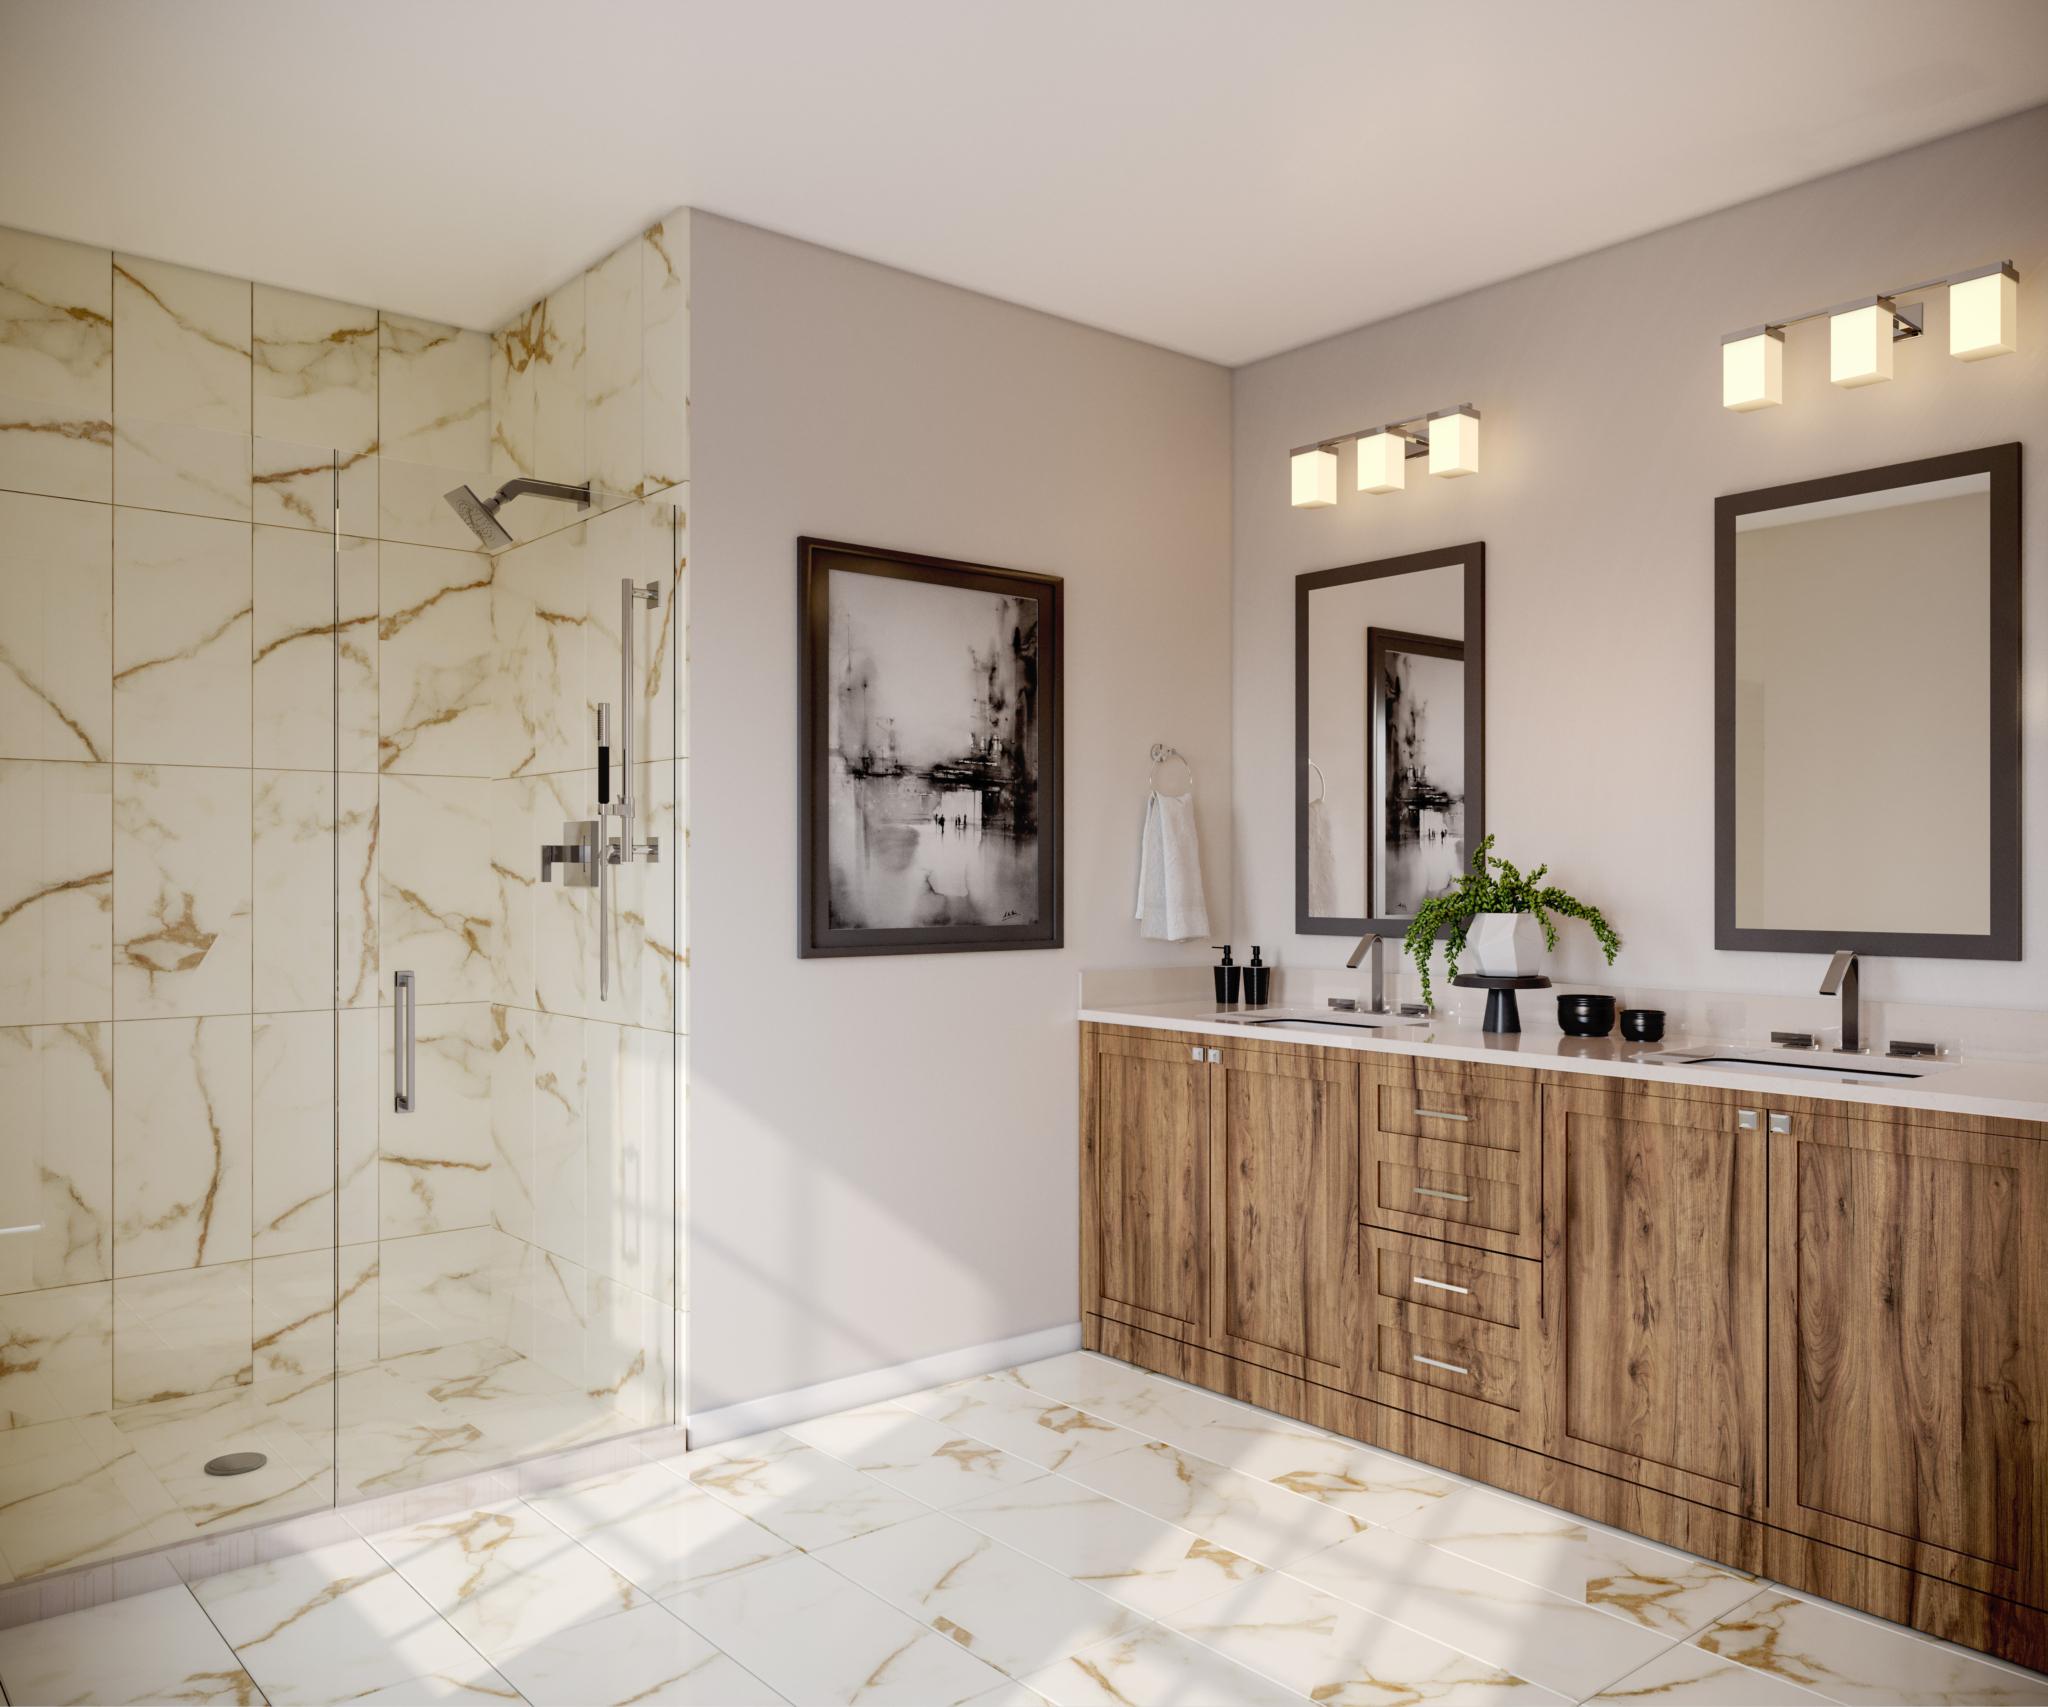 04-Mycroft-Row-Master-Bathroom-R03AHR-scaled.jpg